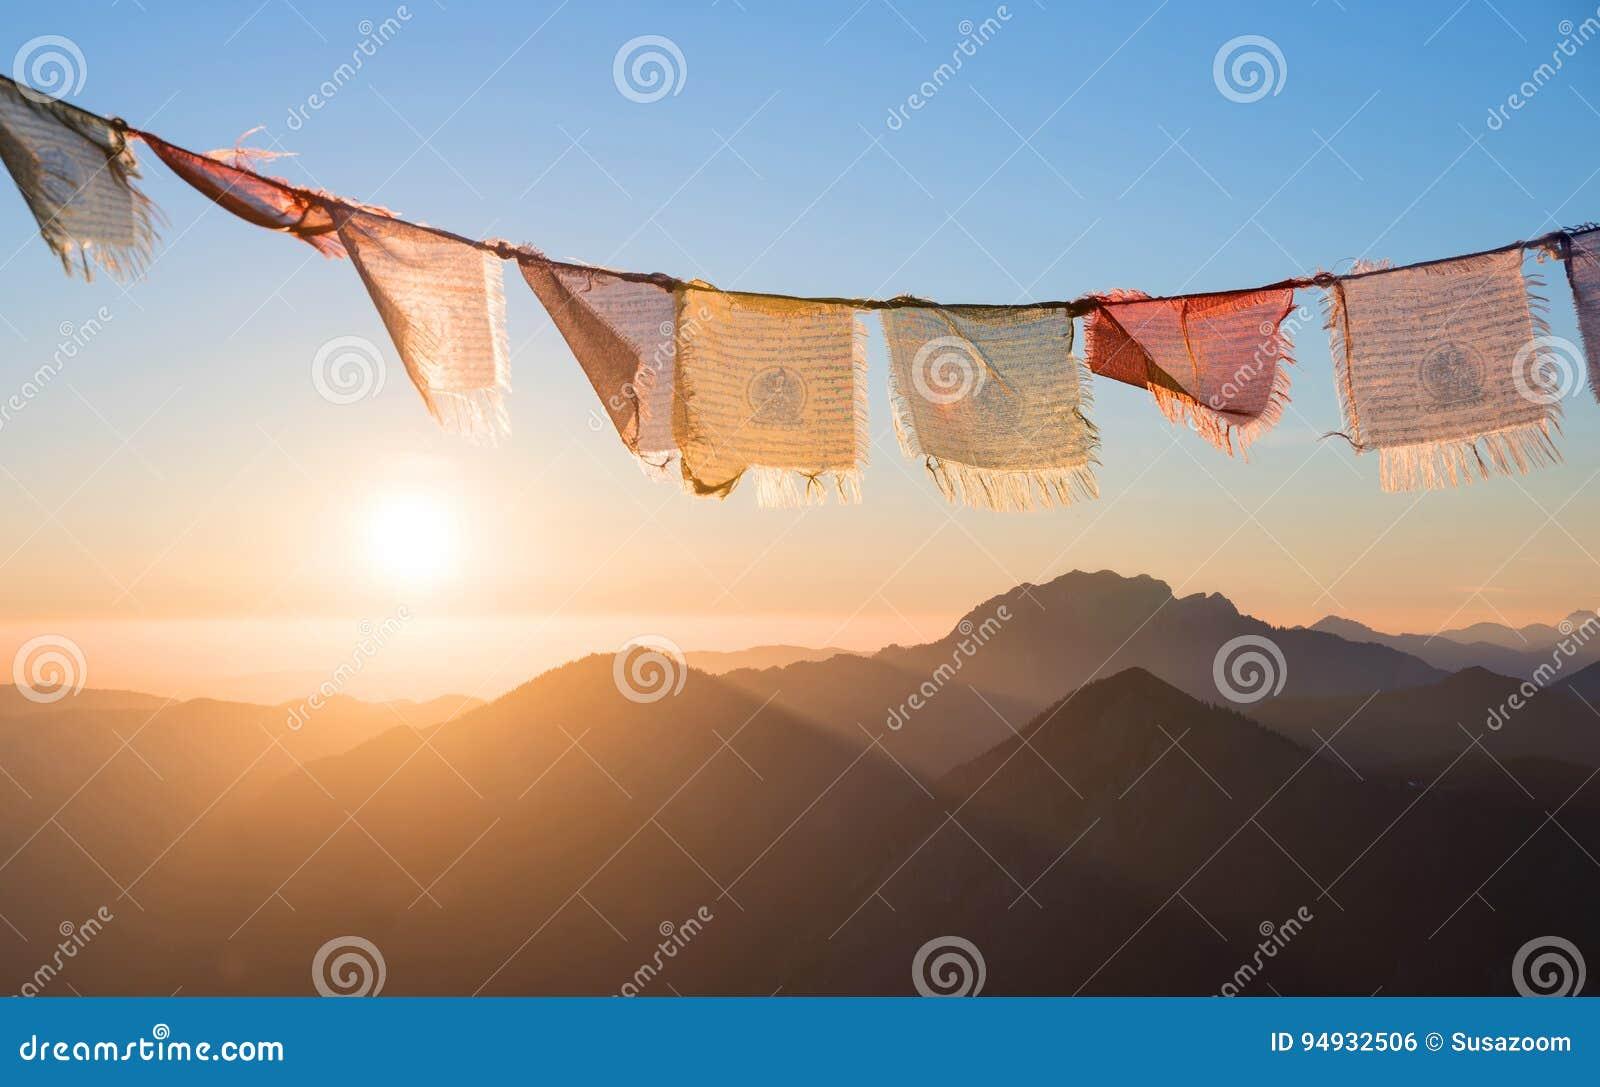 Ανατολή στα βουνά, ζωηρόχρωμες σημαίες προσευχής